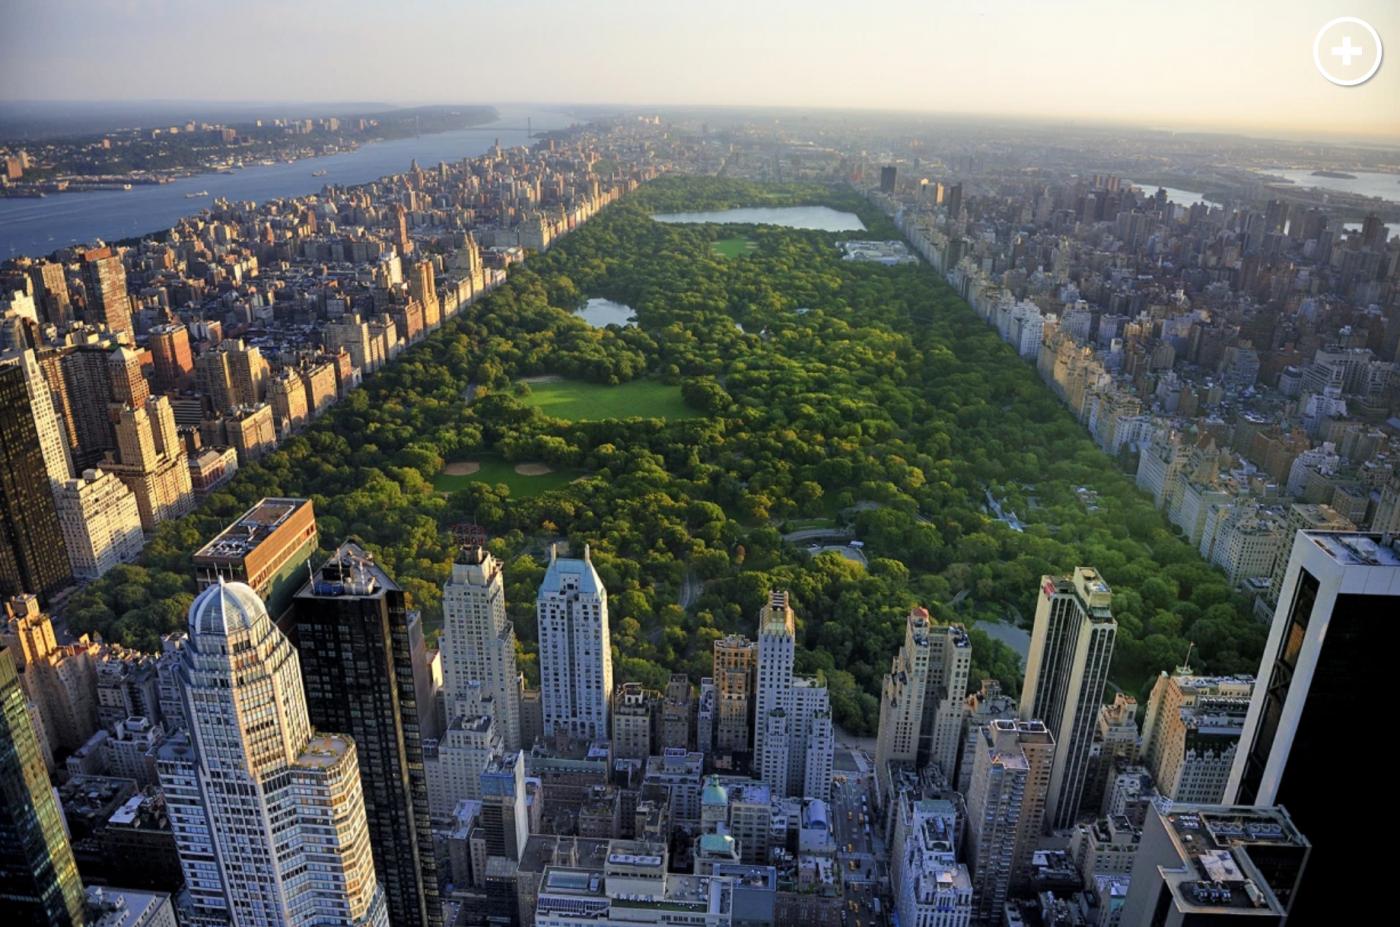 纽约中央公园内2天建成的方舱医院_图1-1